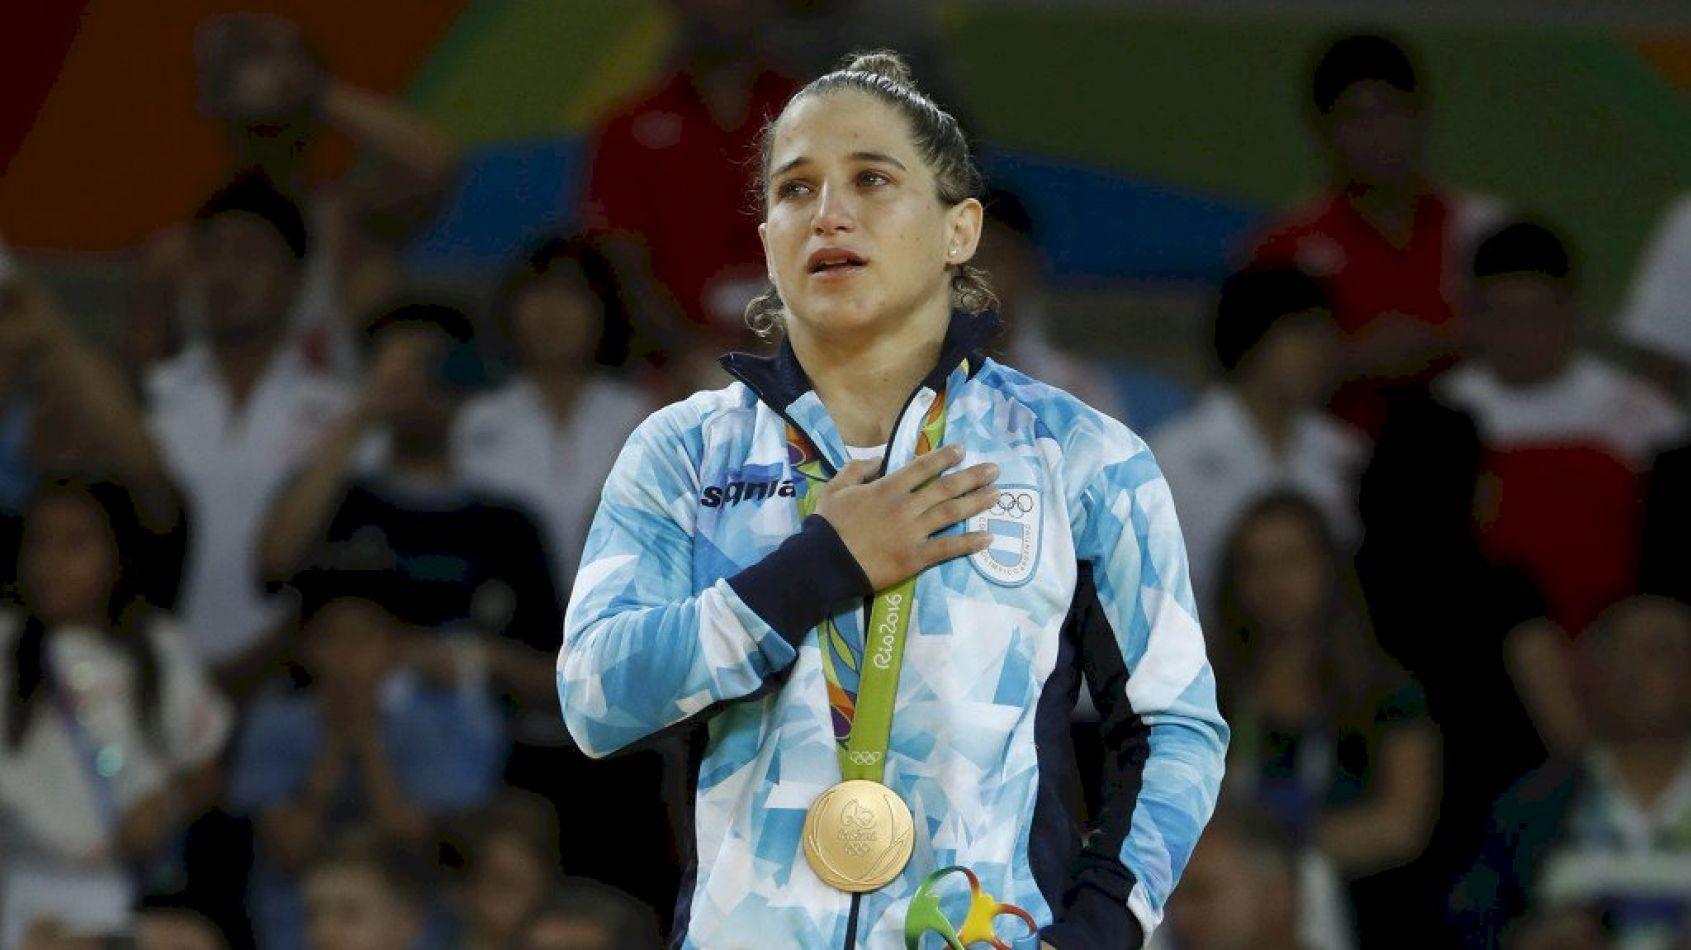 Paula Pareto, medalla de oro en el Panamericano de Guadalajara